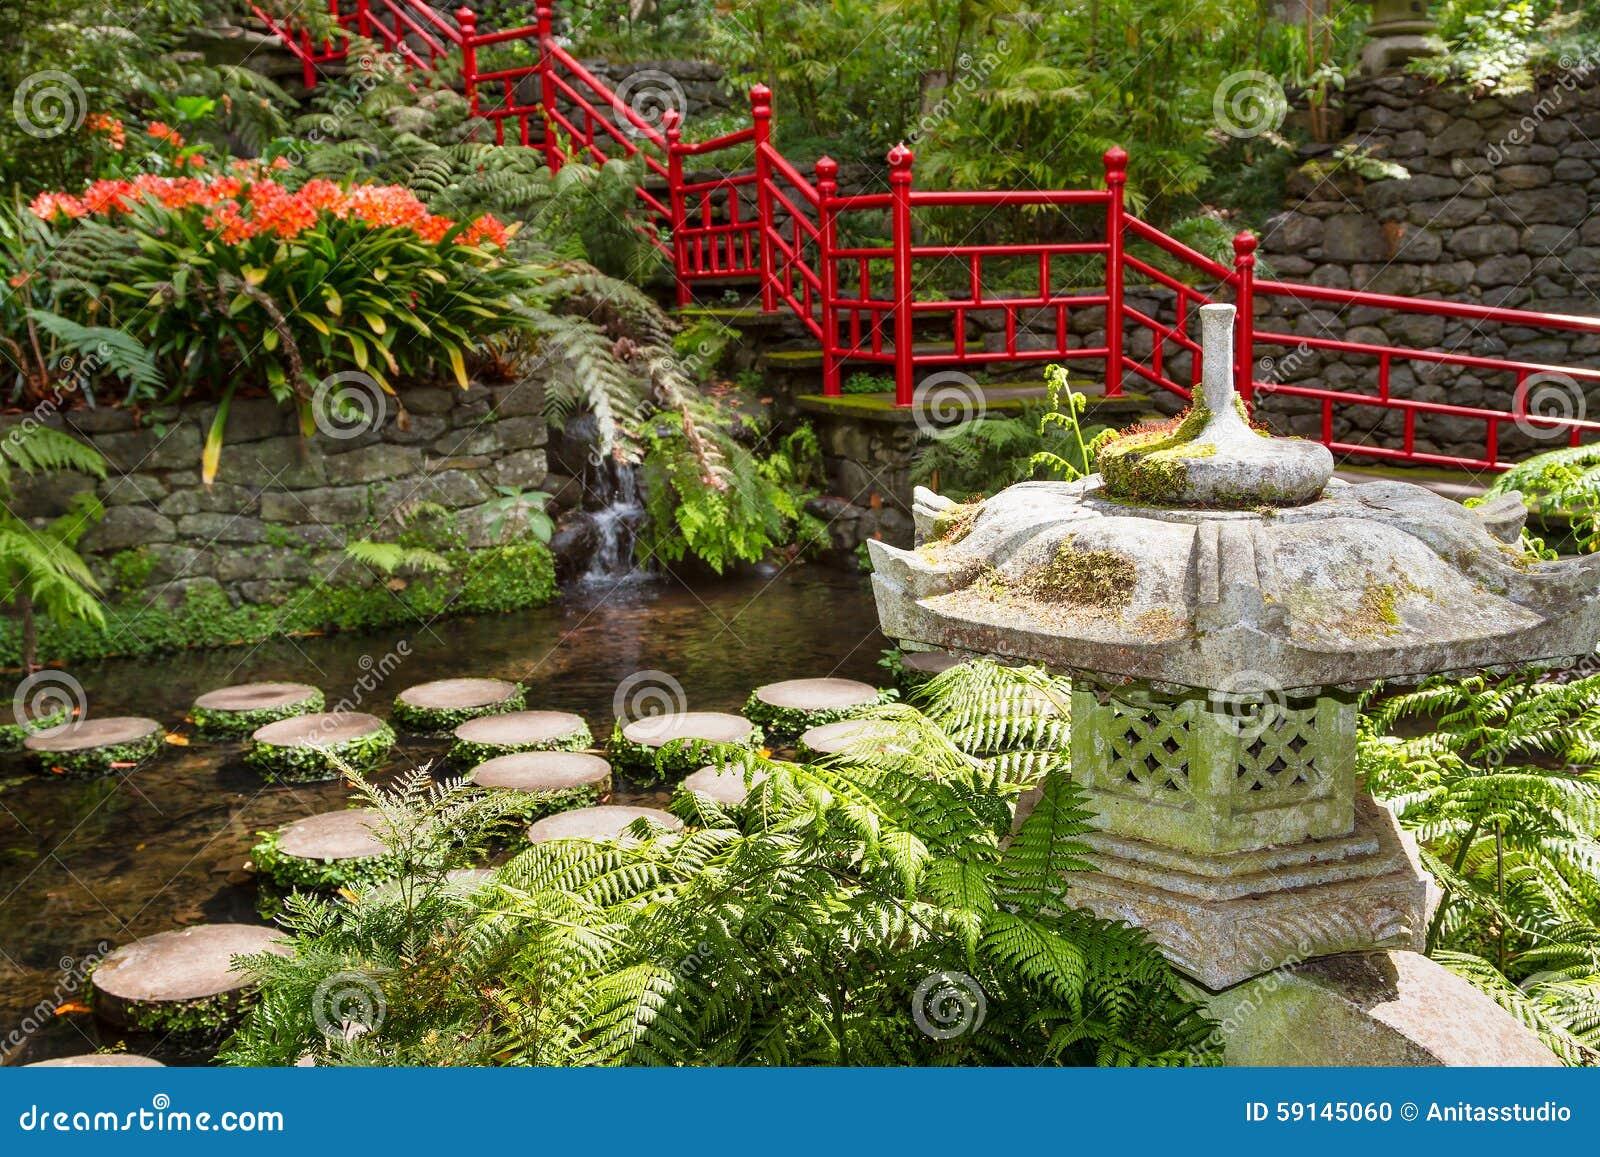 Teich Und Gartendekoration In Der Orientalischen Art Monte Palast